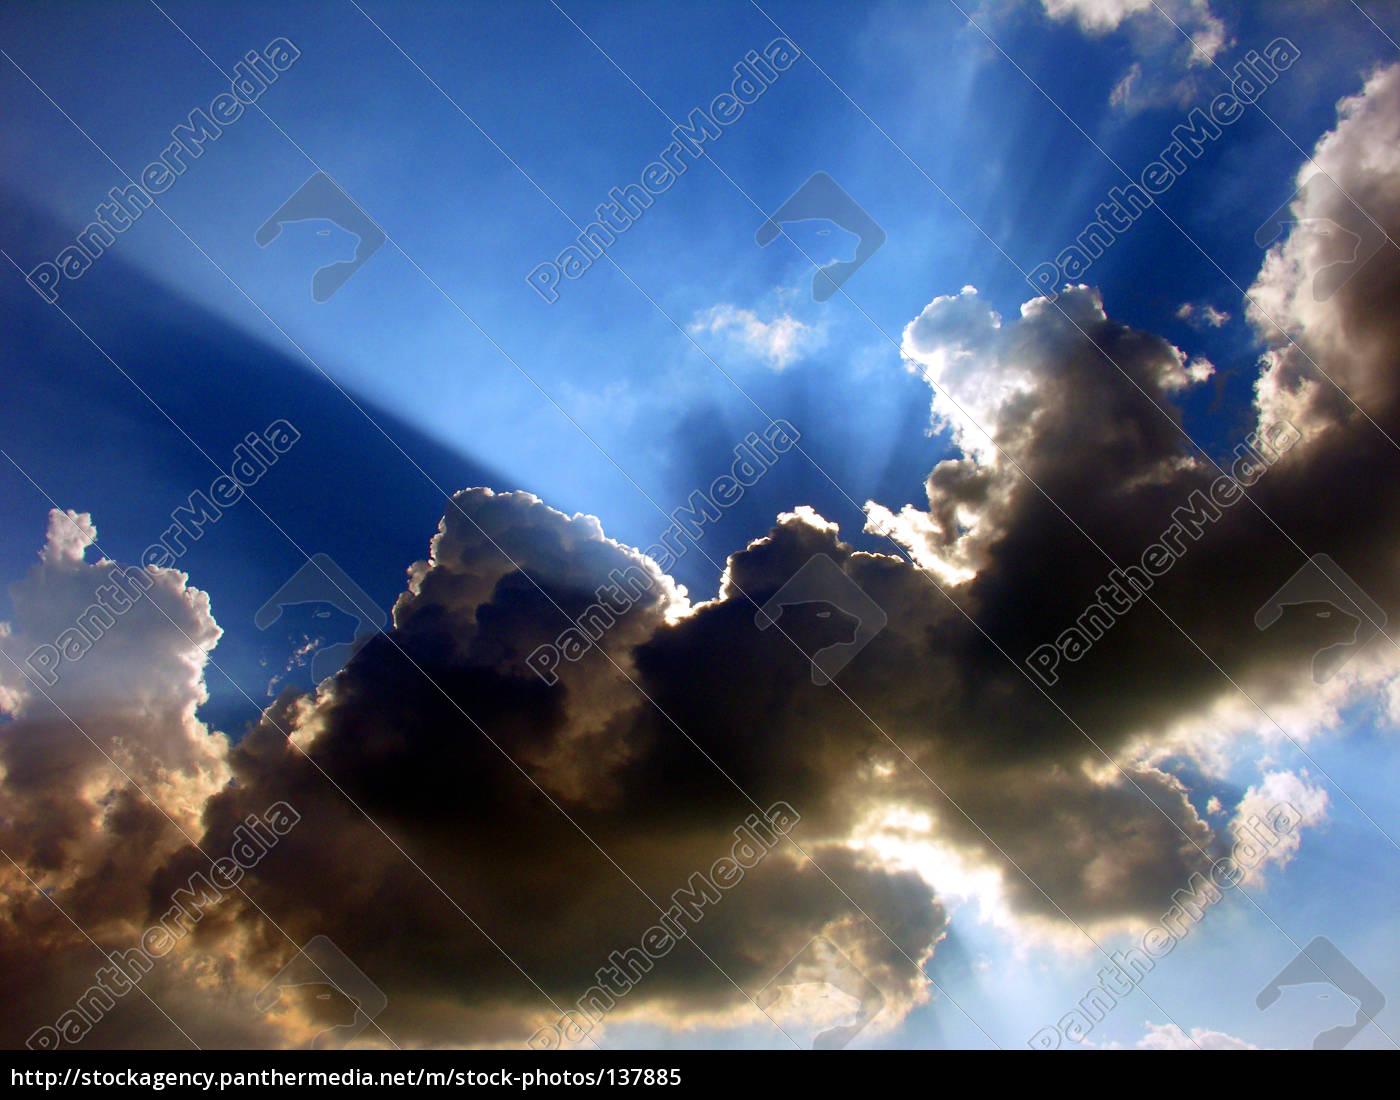 the, sky - 137885